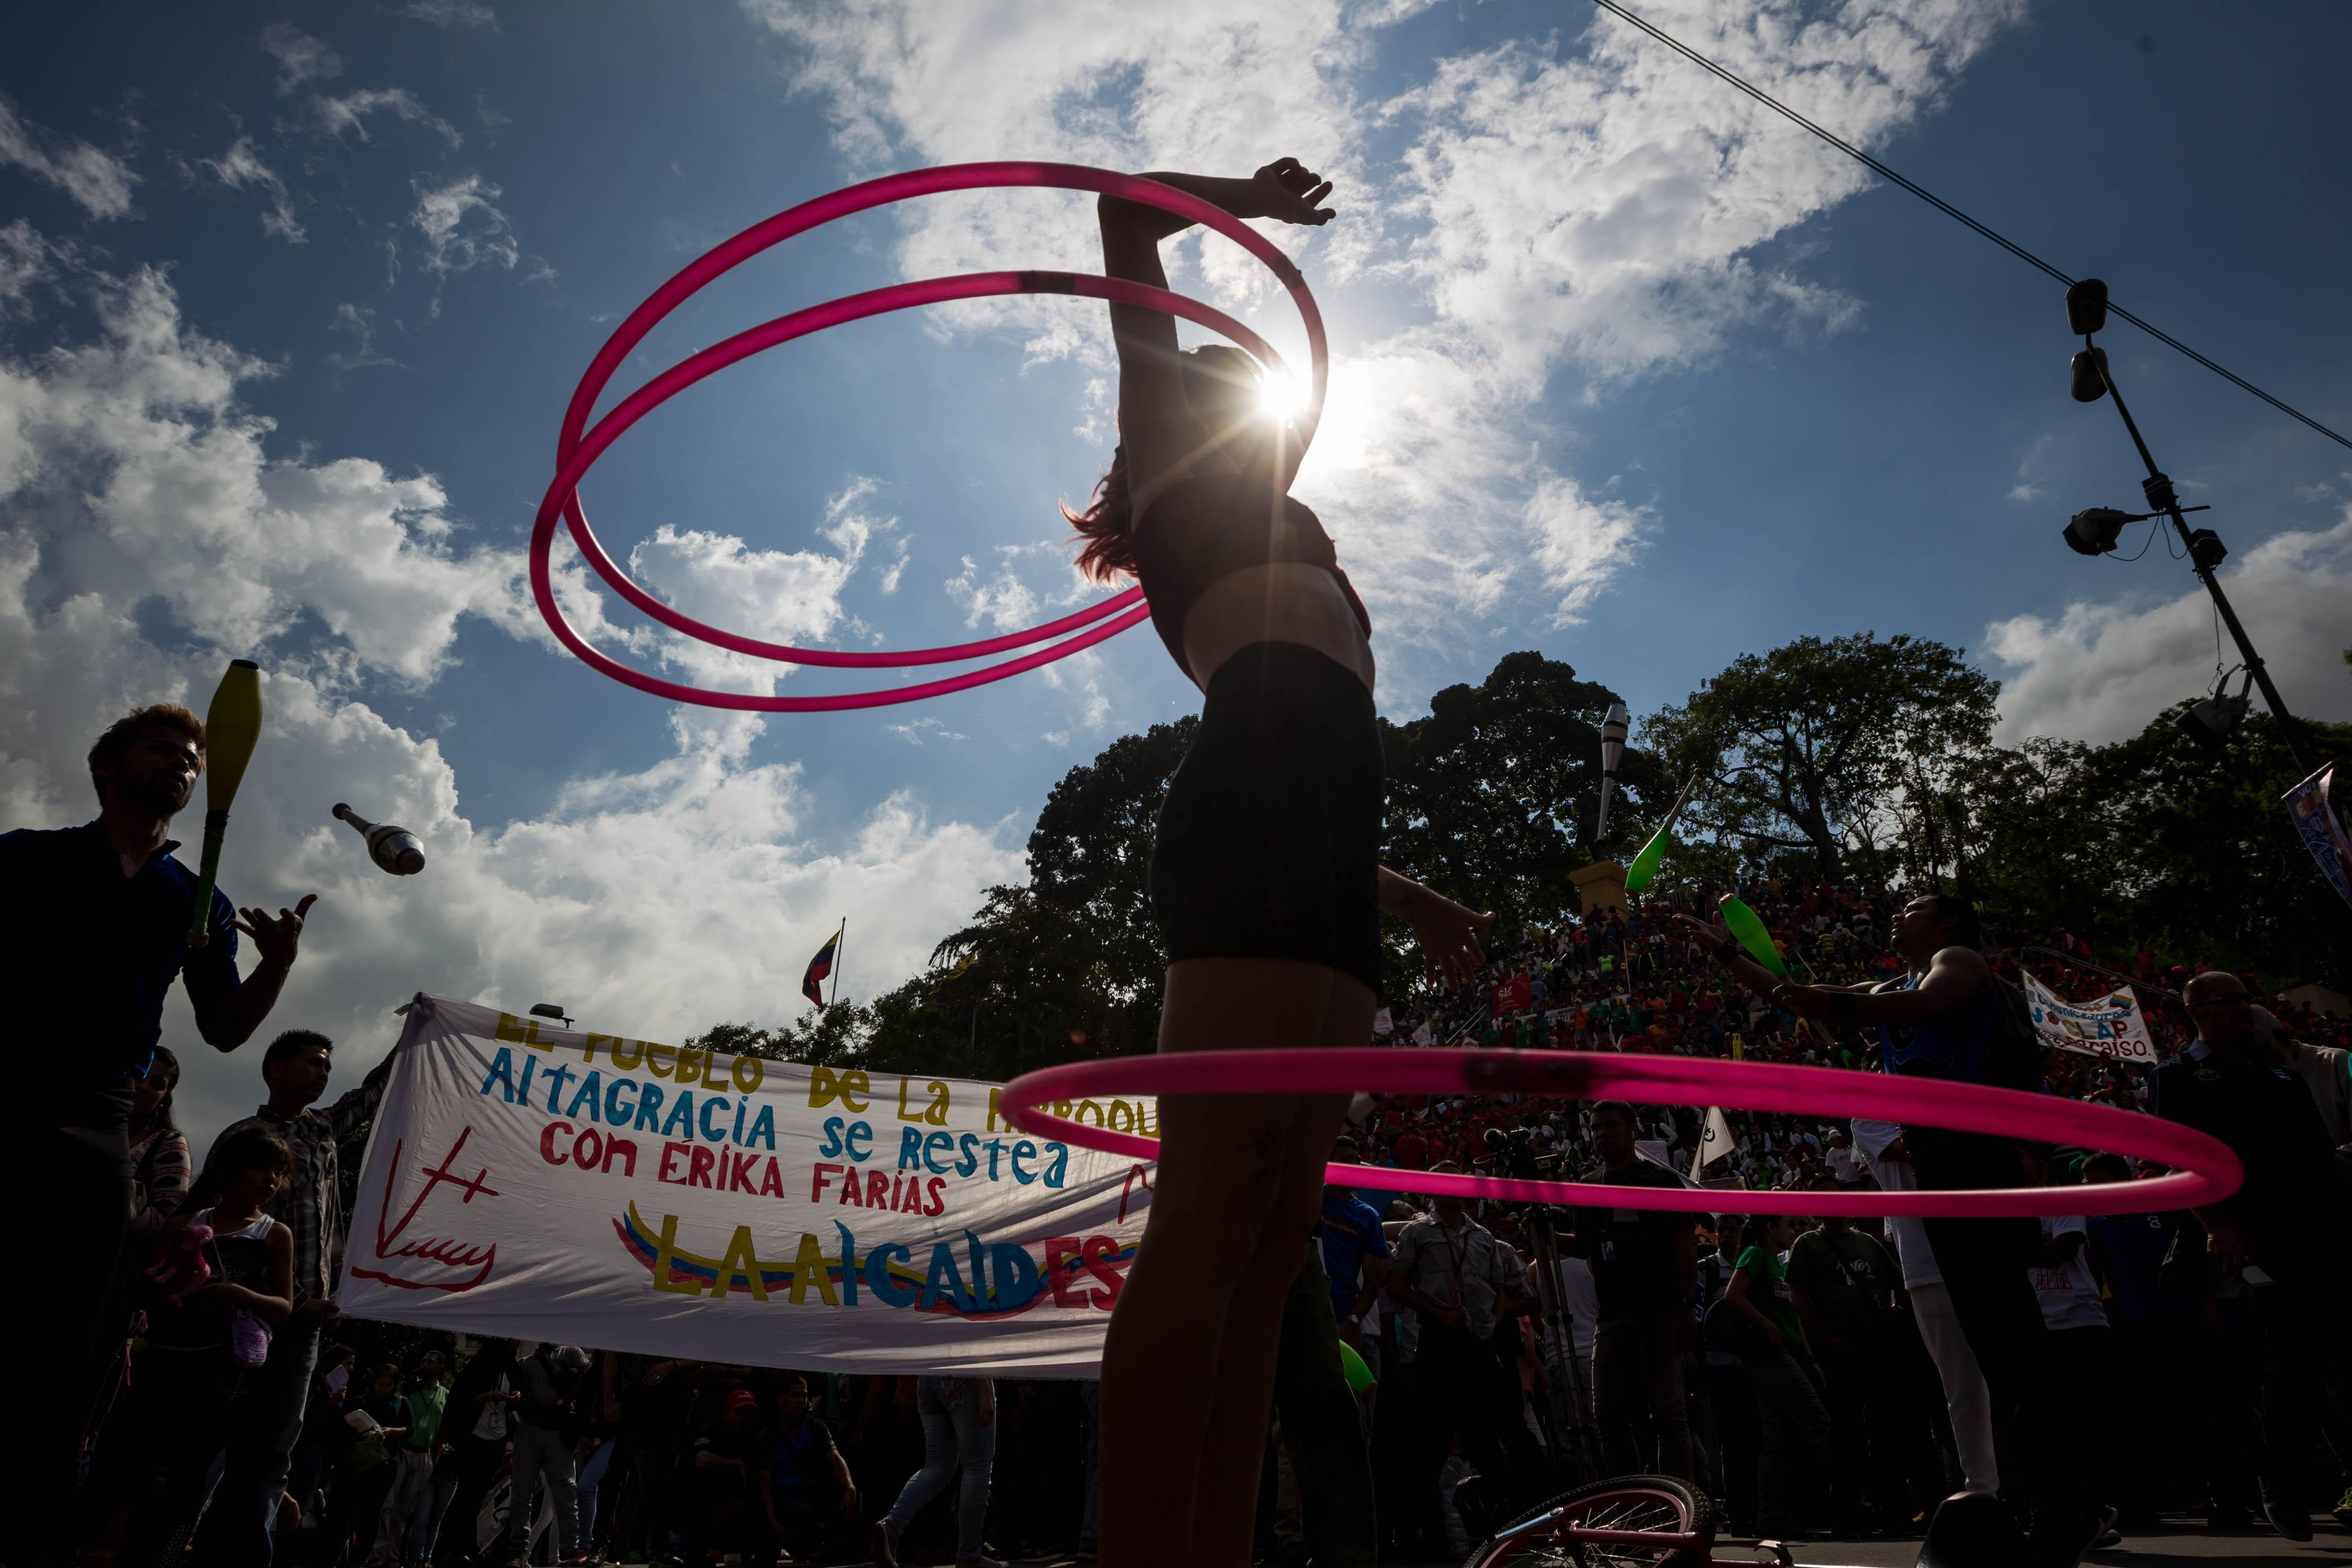 Comença la campanya electoral dels candidats a alcaldes a Veneçuela. /MIGUEL GUTIÉRREZ